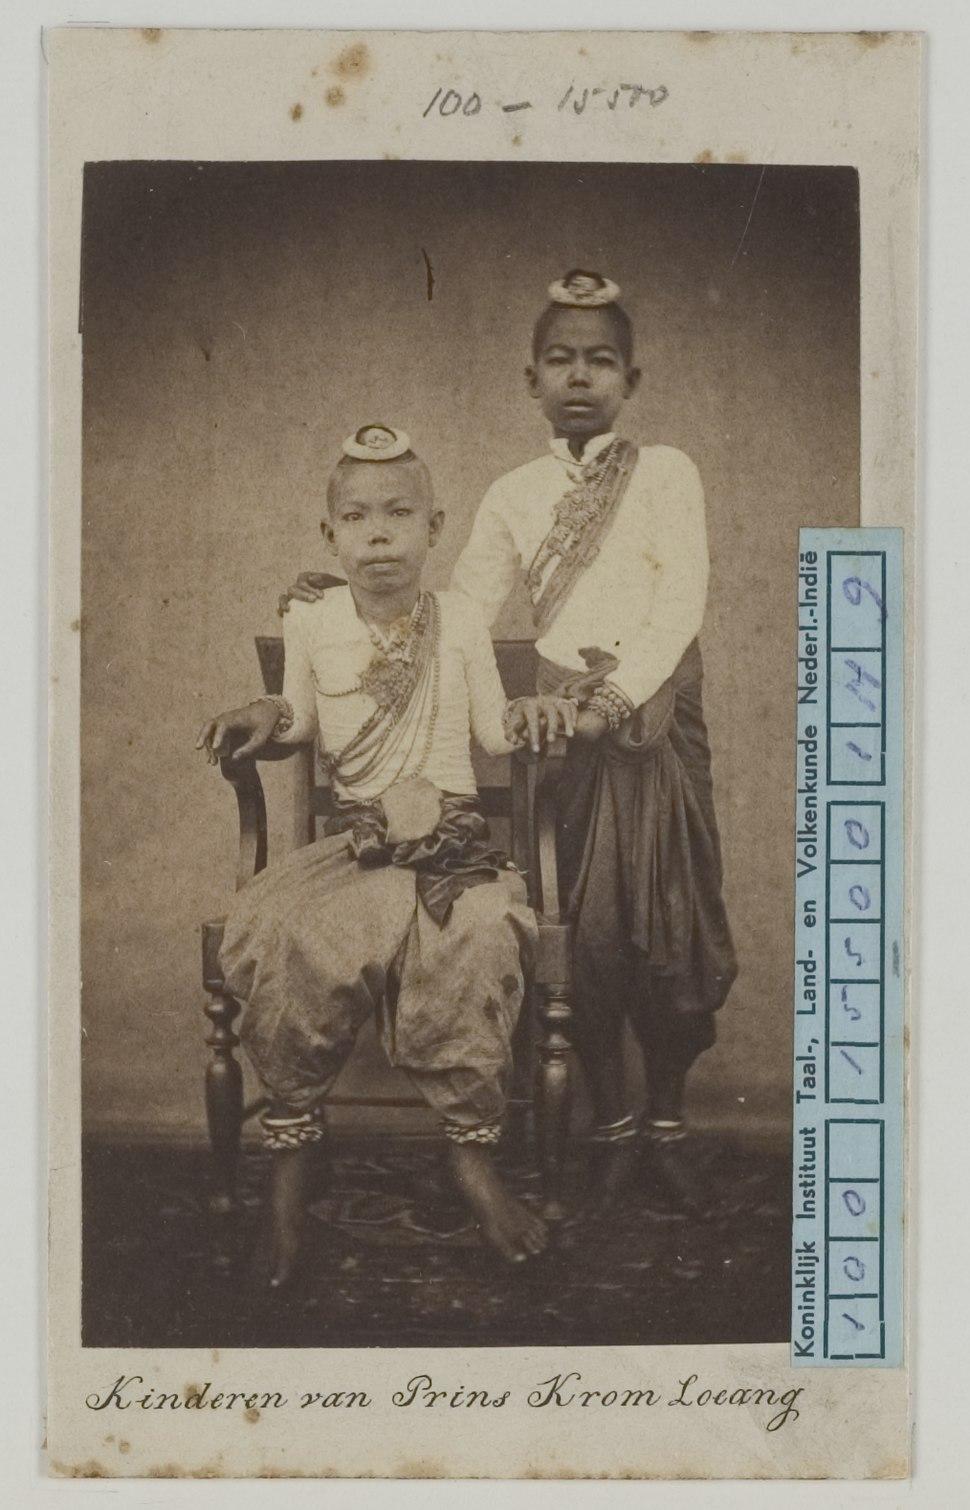 KITLV 6553 - Isidore van Kinsbergen - Sons of Crown Prince Krom Loeang of Siam, Bangkok - 1862